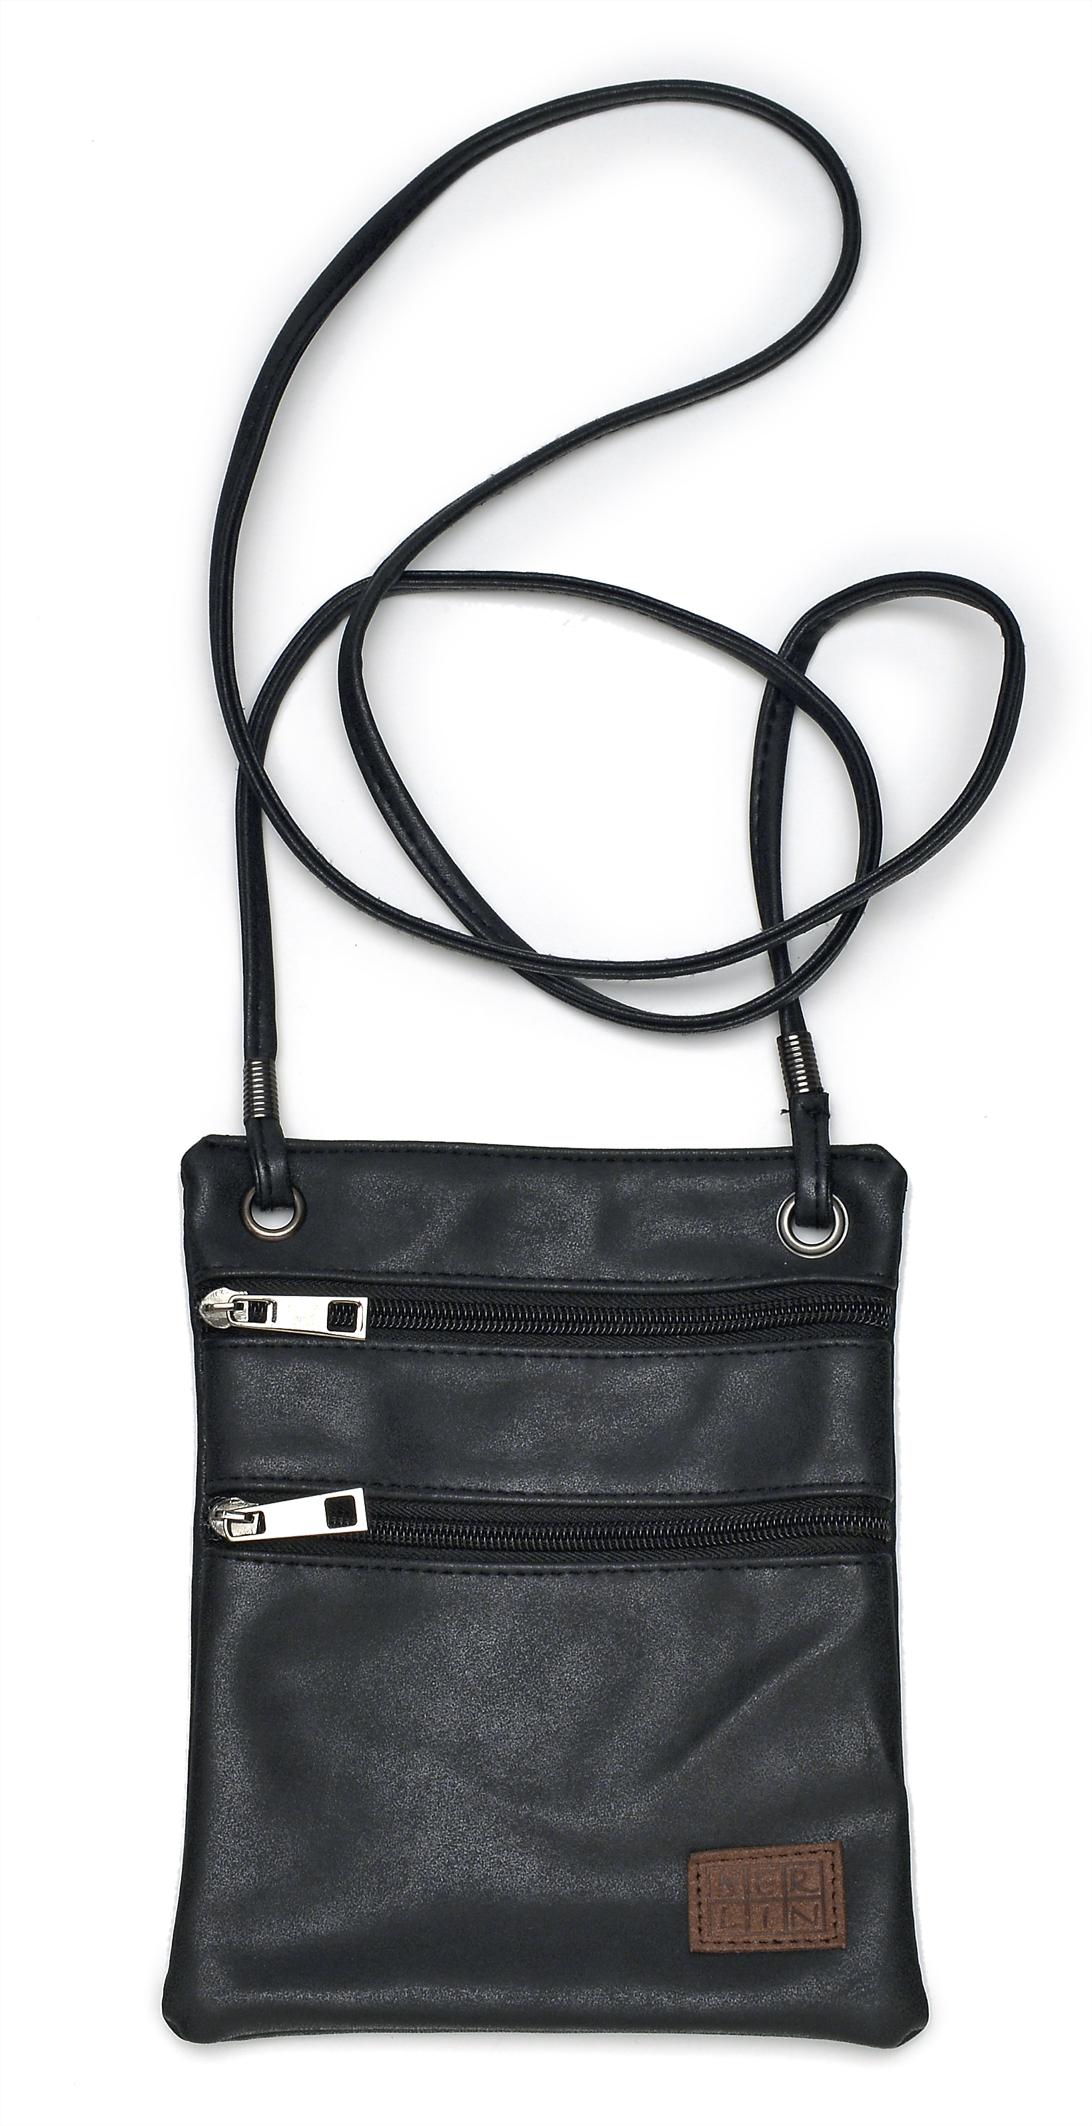 030-2503_sling-bag_schwarz